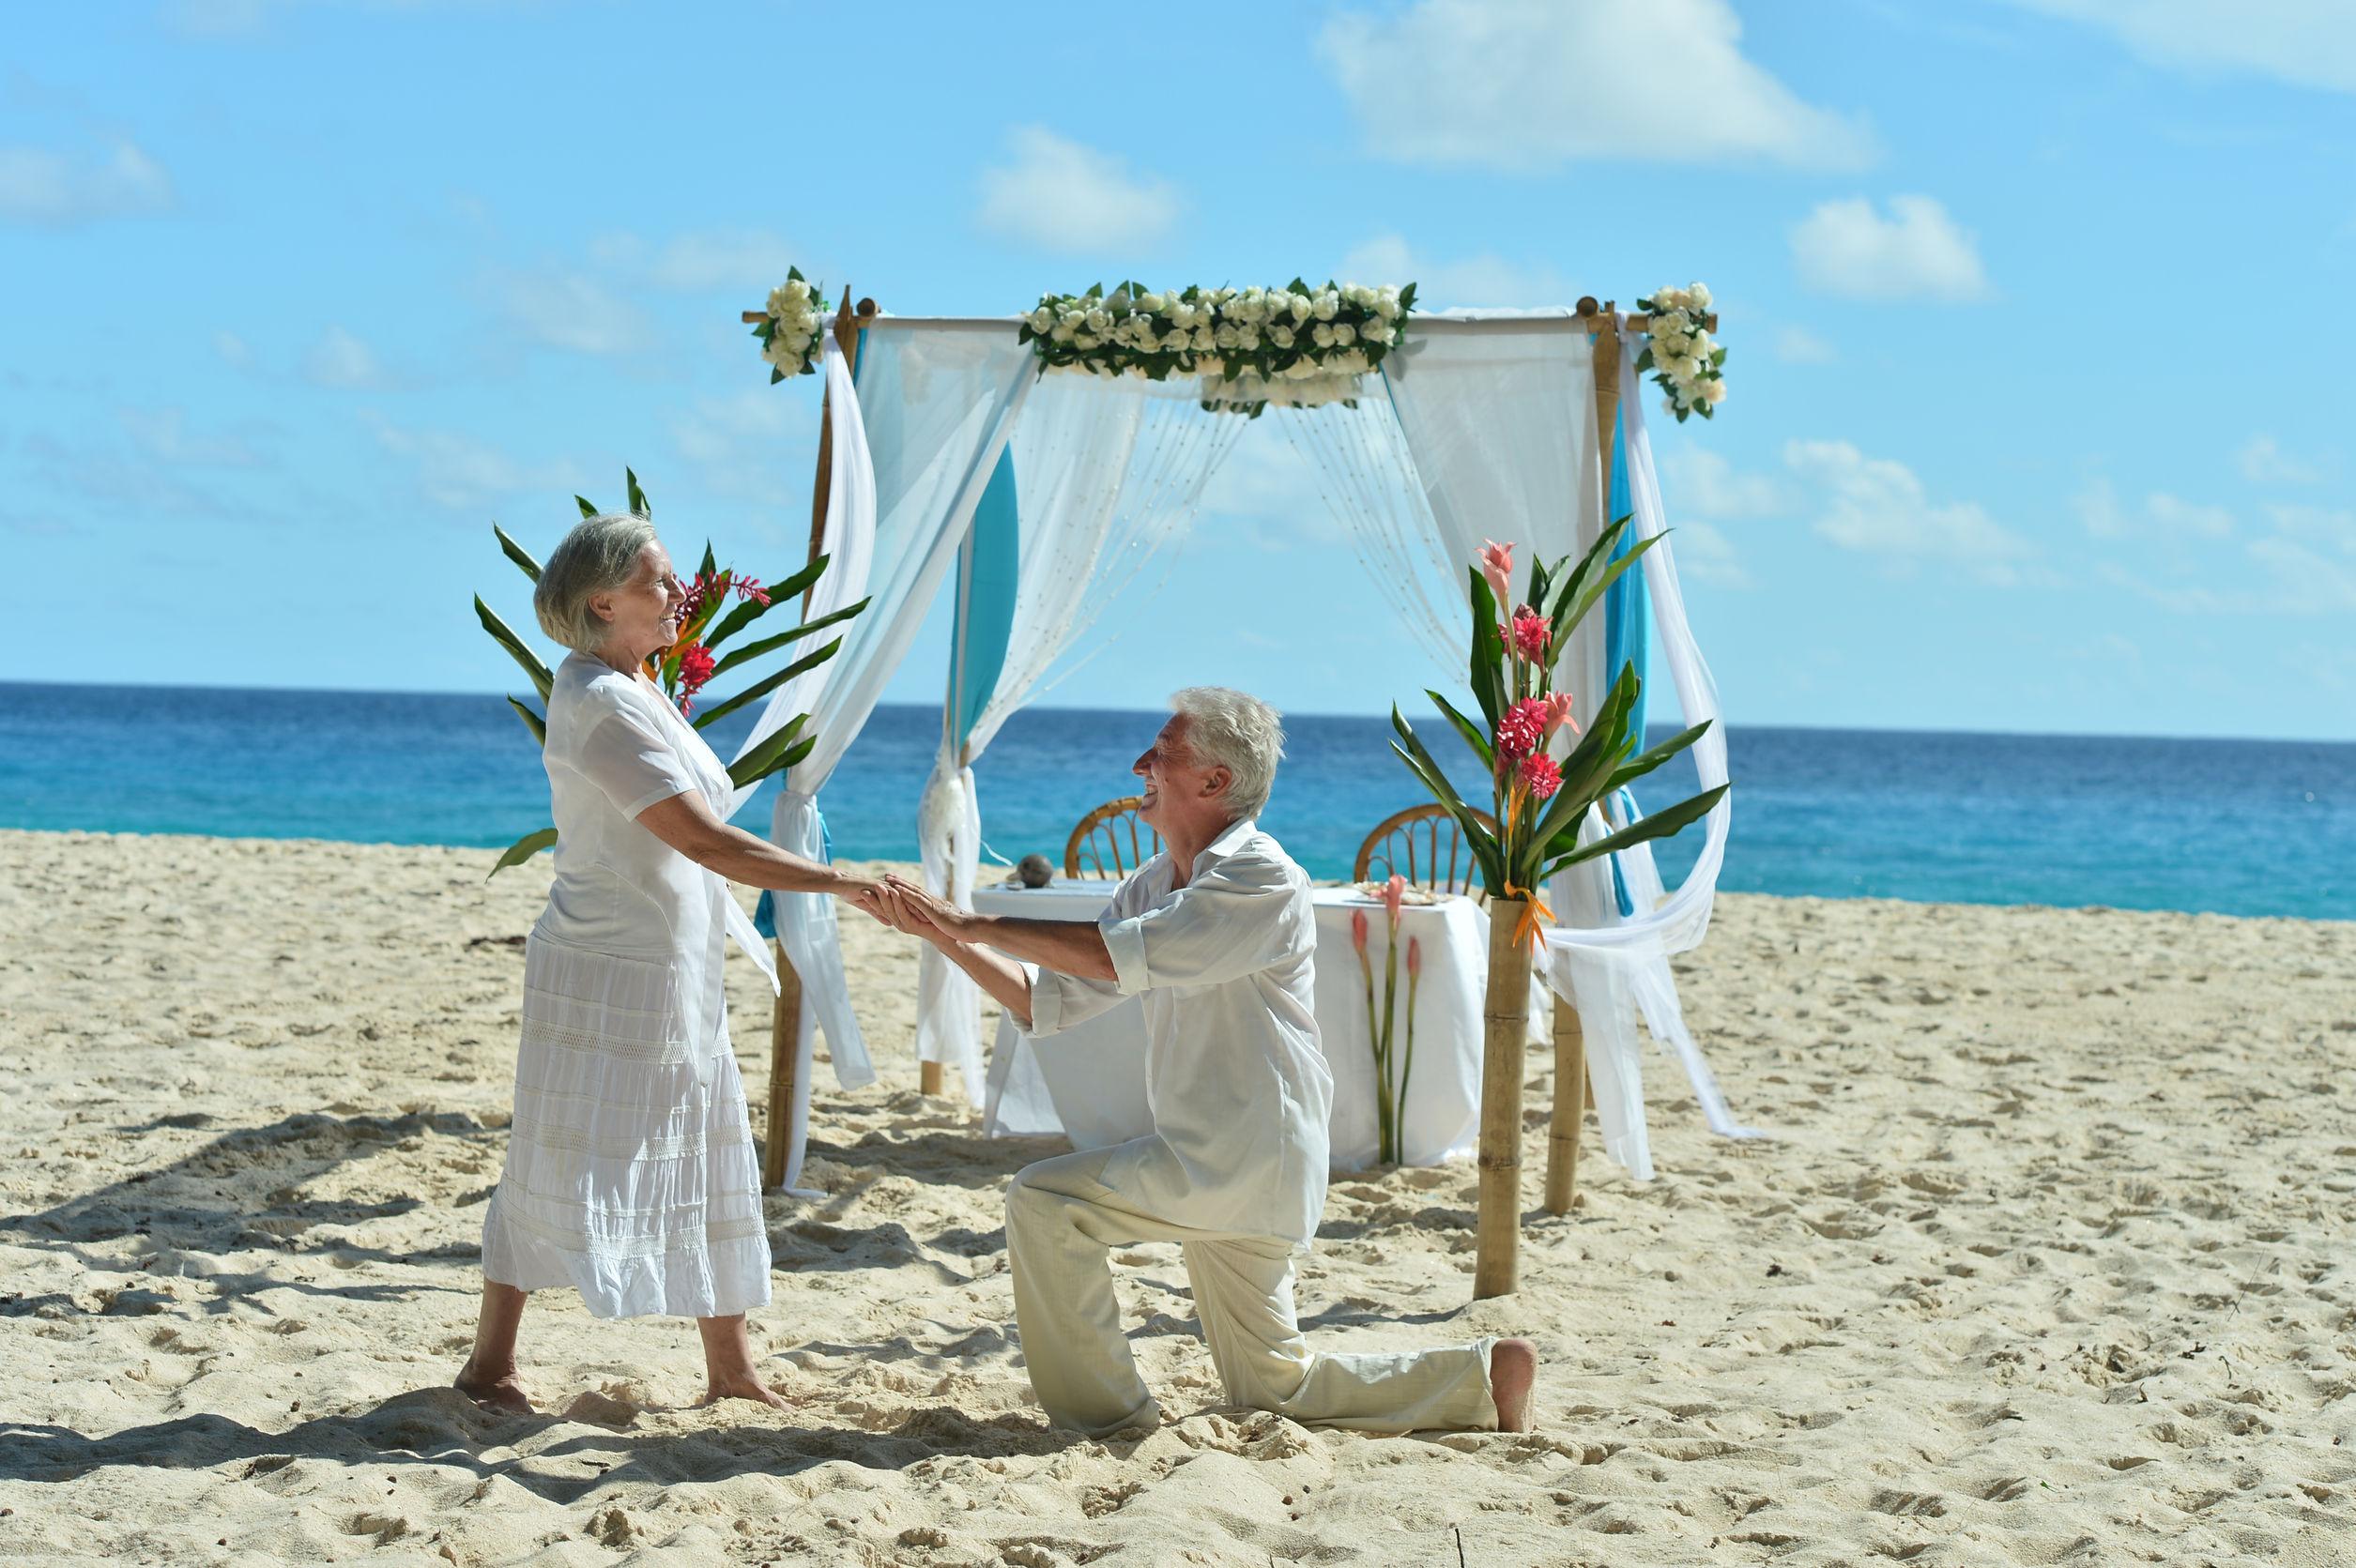 Małżeństwa, małżeństwa wśród seniorów, ślub seniorów, oświadczyny, zaręczyny, ślub po 60